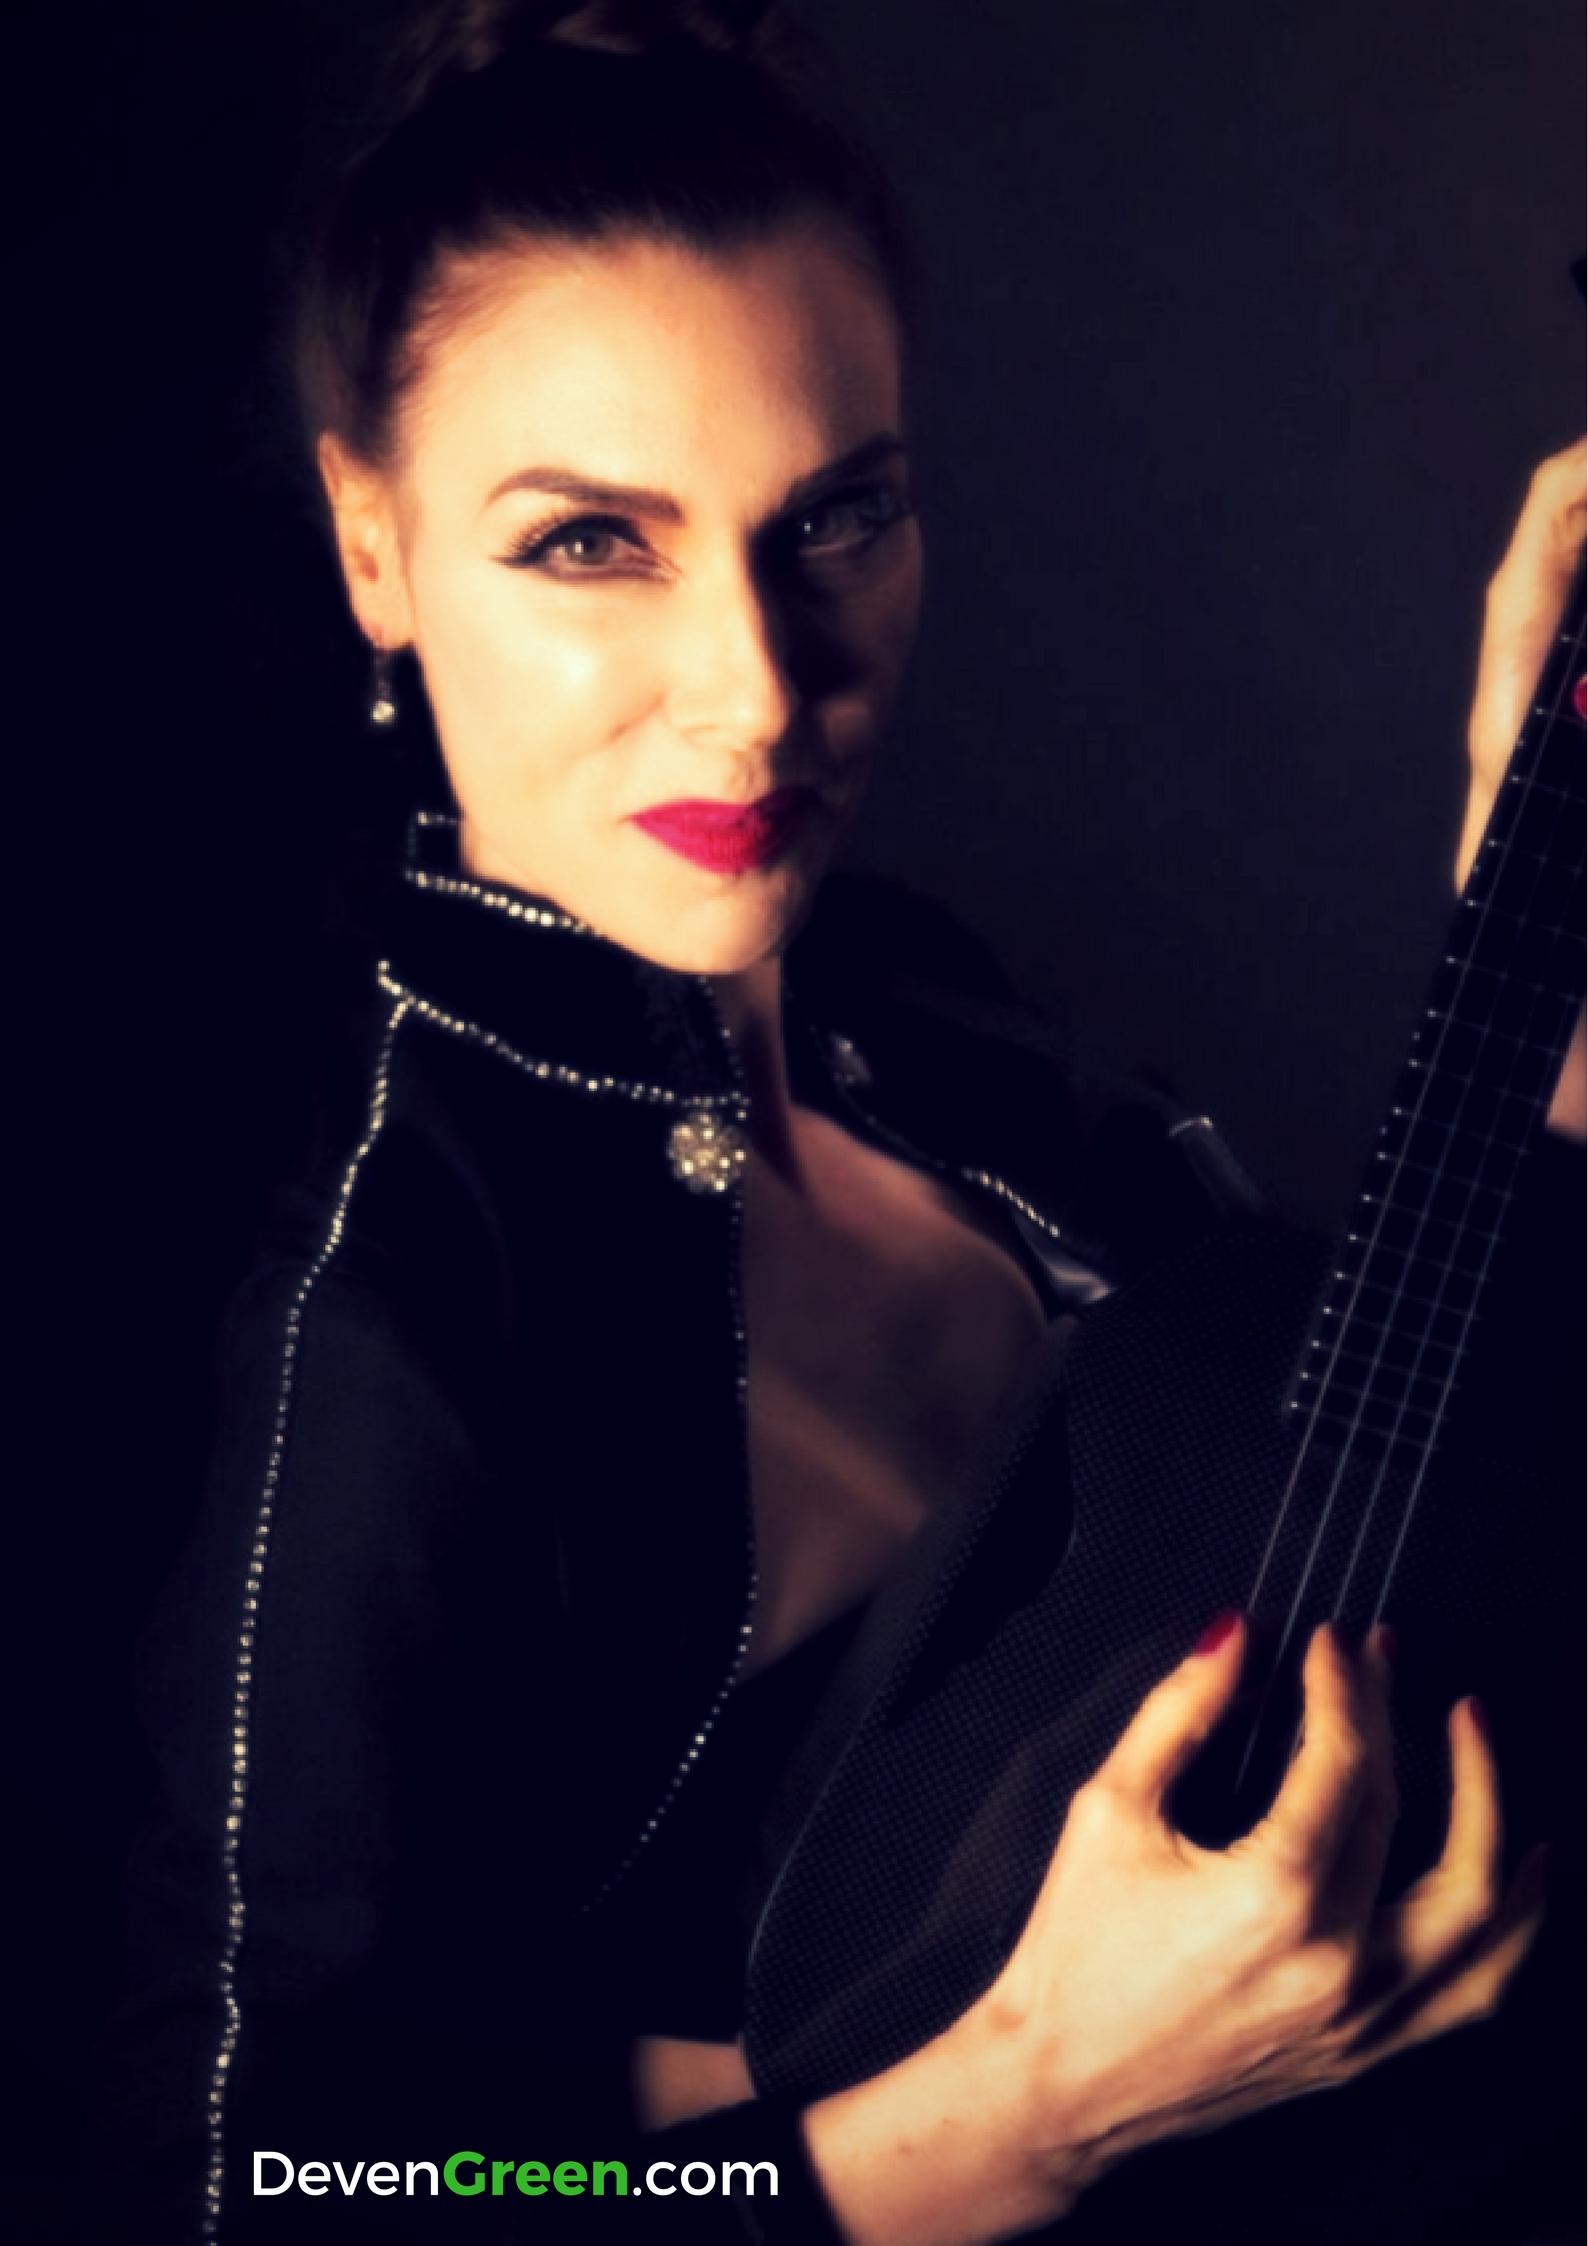 Deven Green ukulele